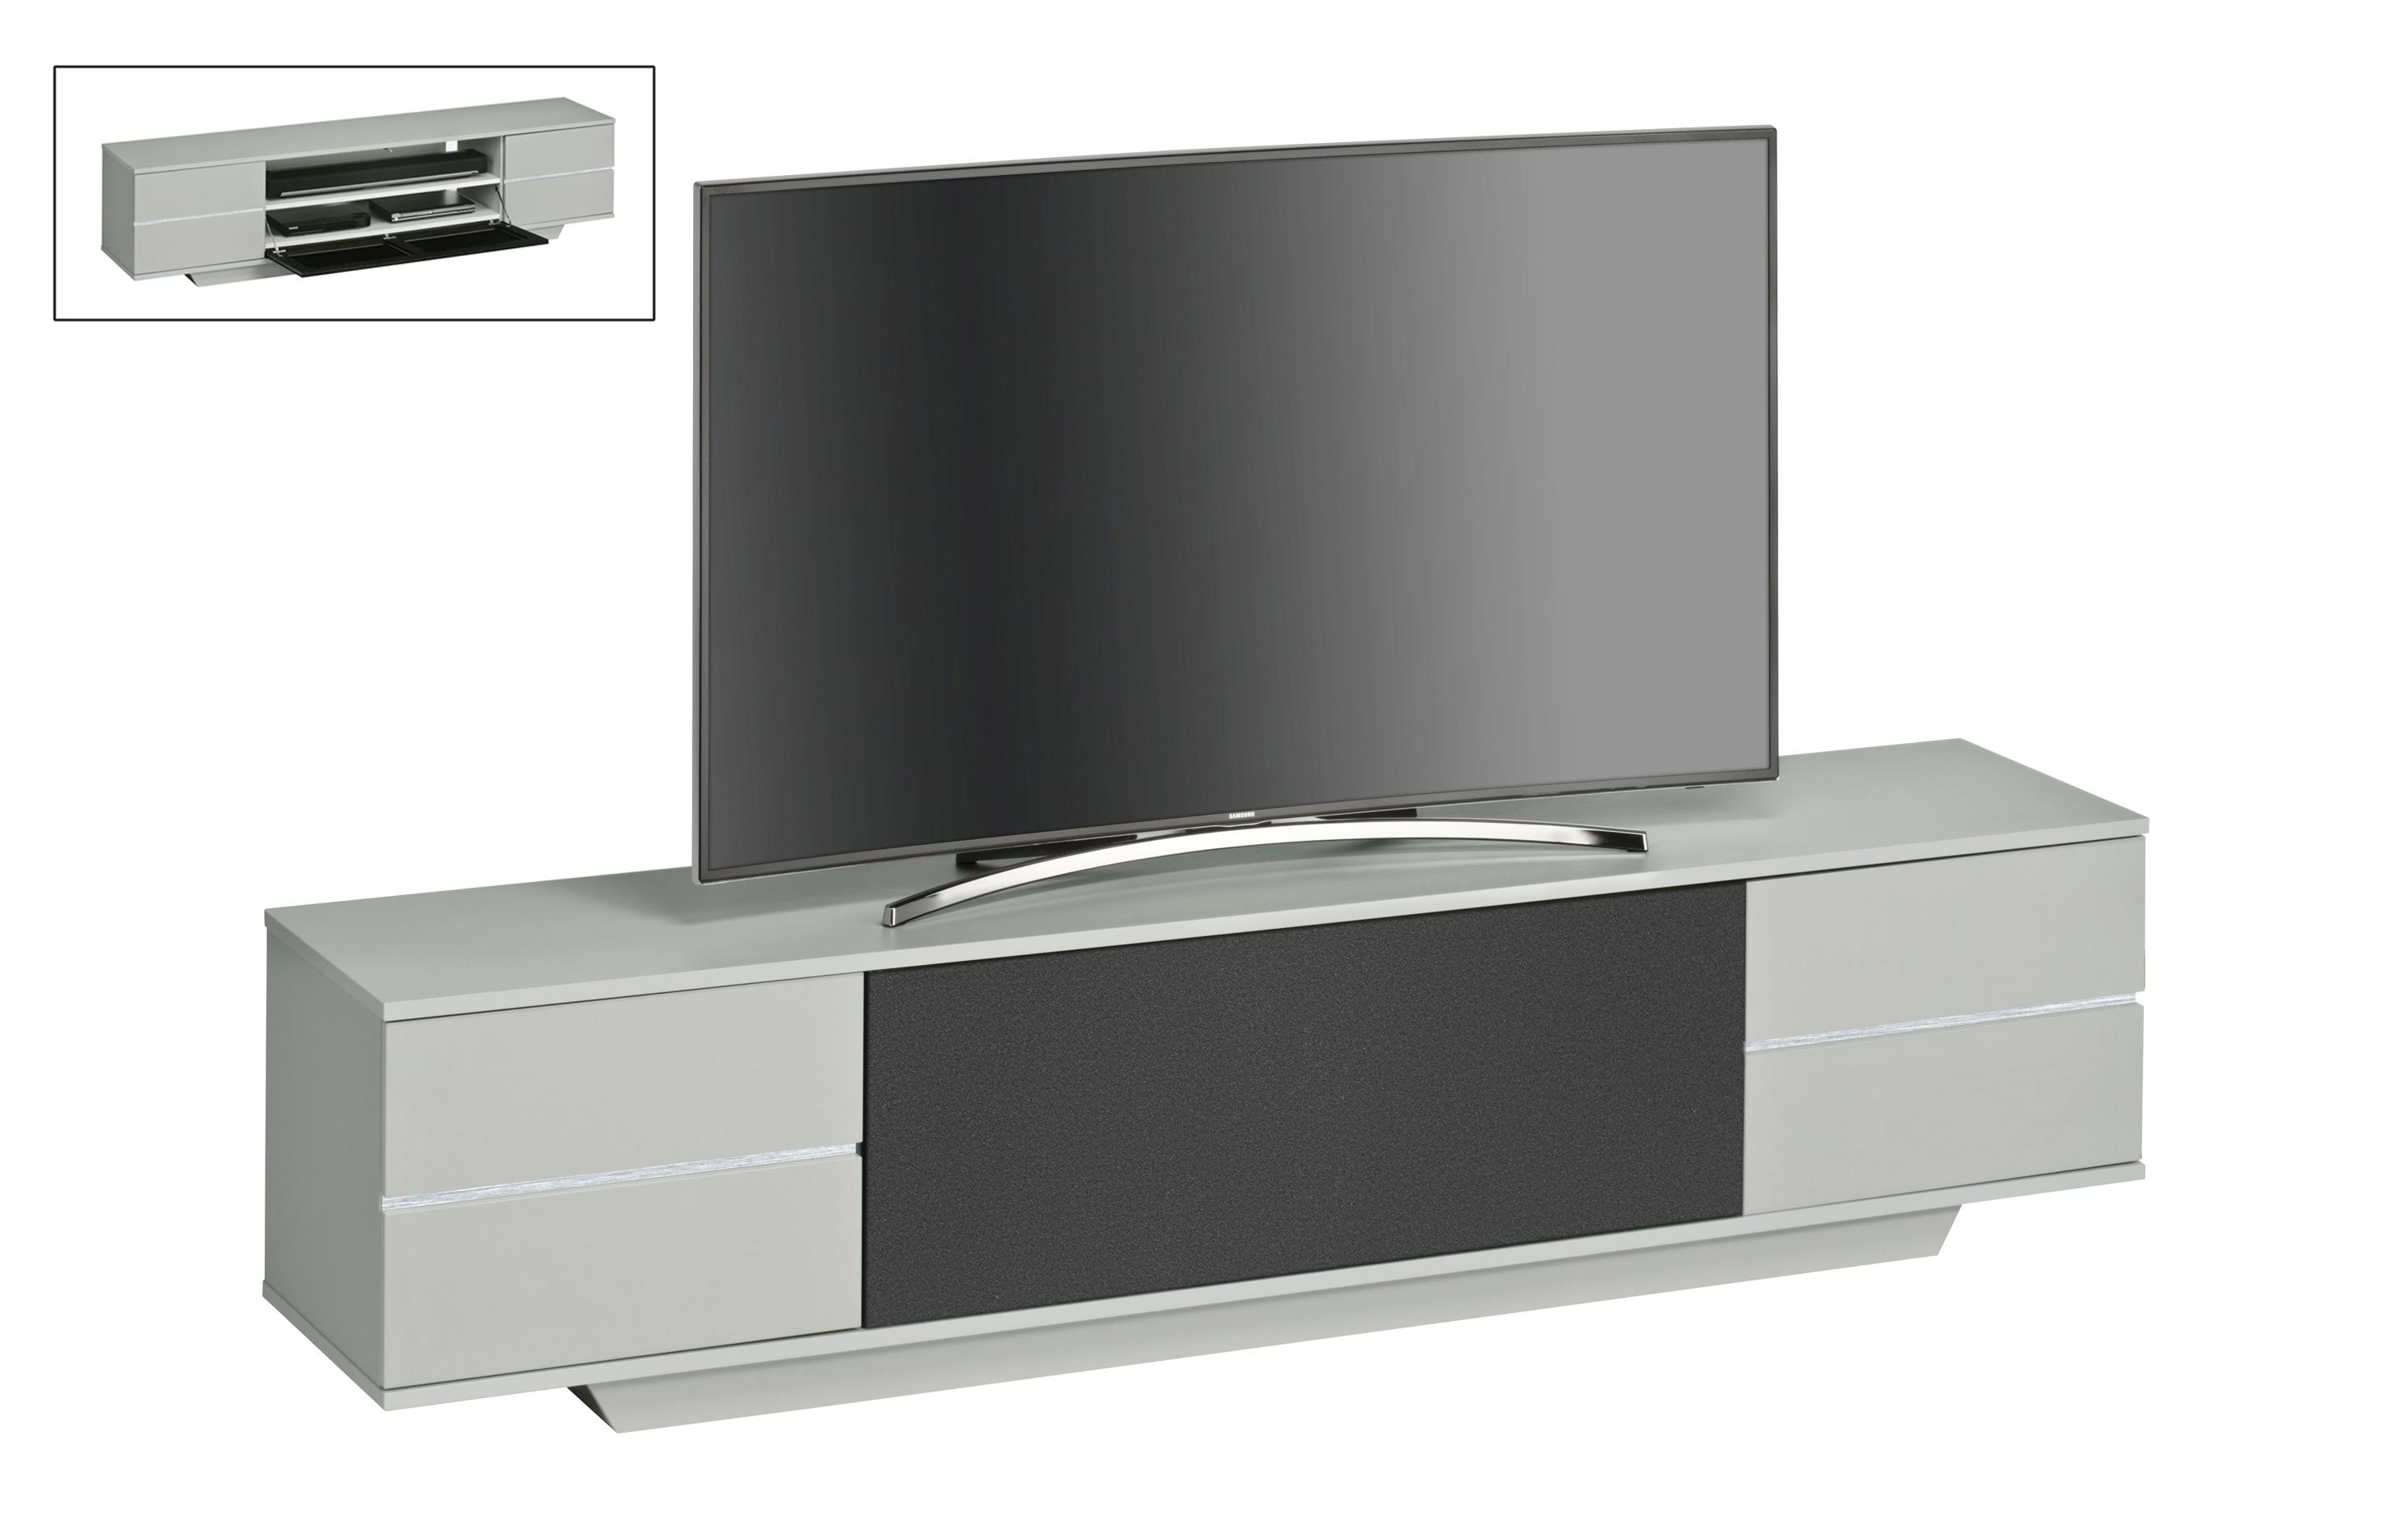 lowboard tv rack unterschrank kommode mod mj081 platingrau akustikstoff schwarz ebay. Black Bedroom Furniture Sets. Home Design Ideas